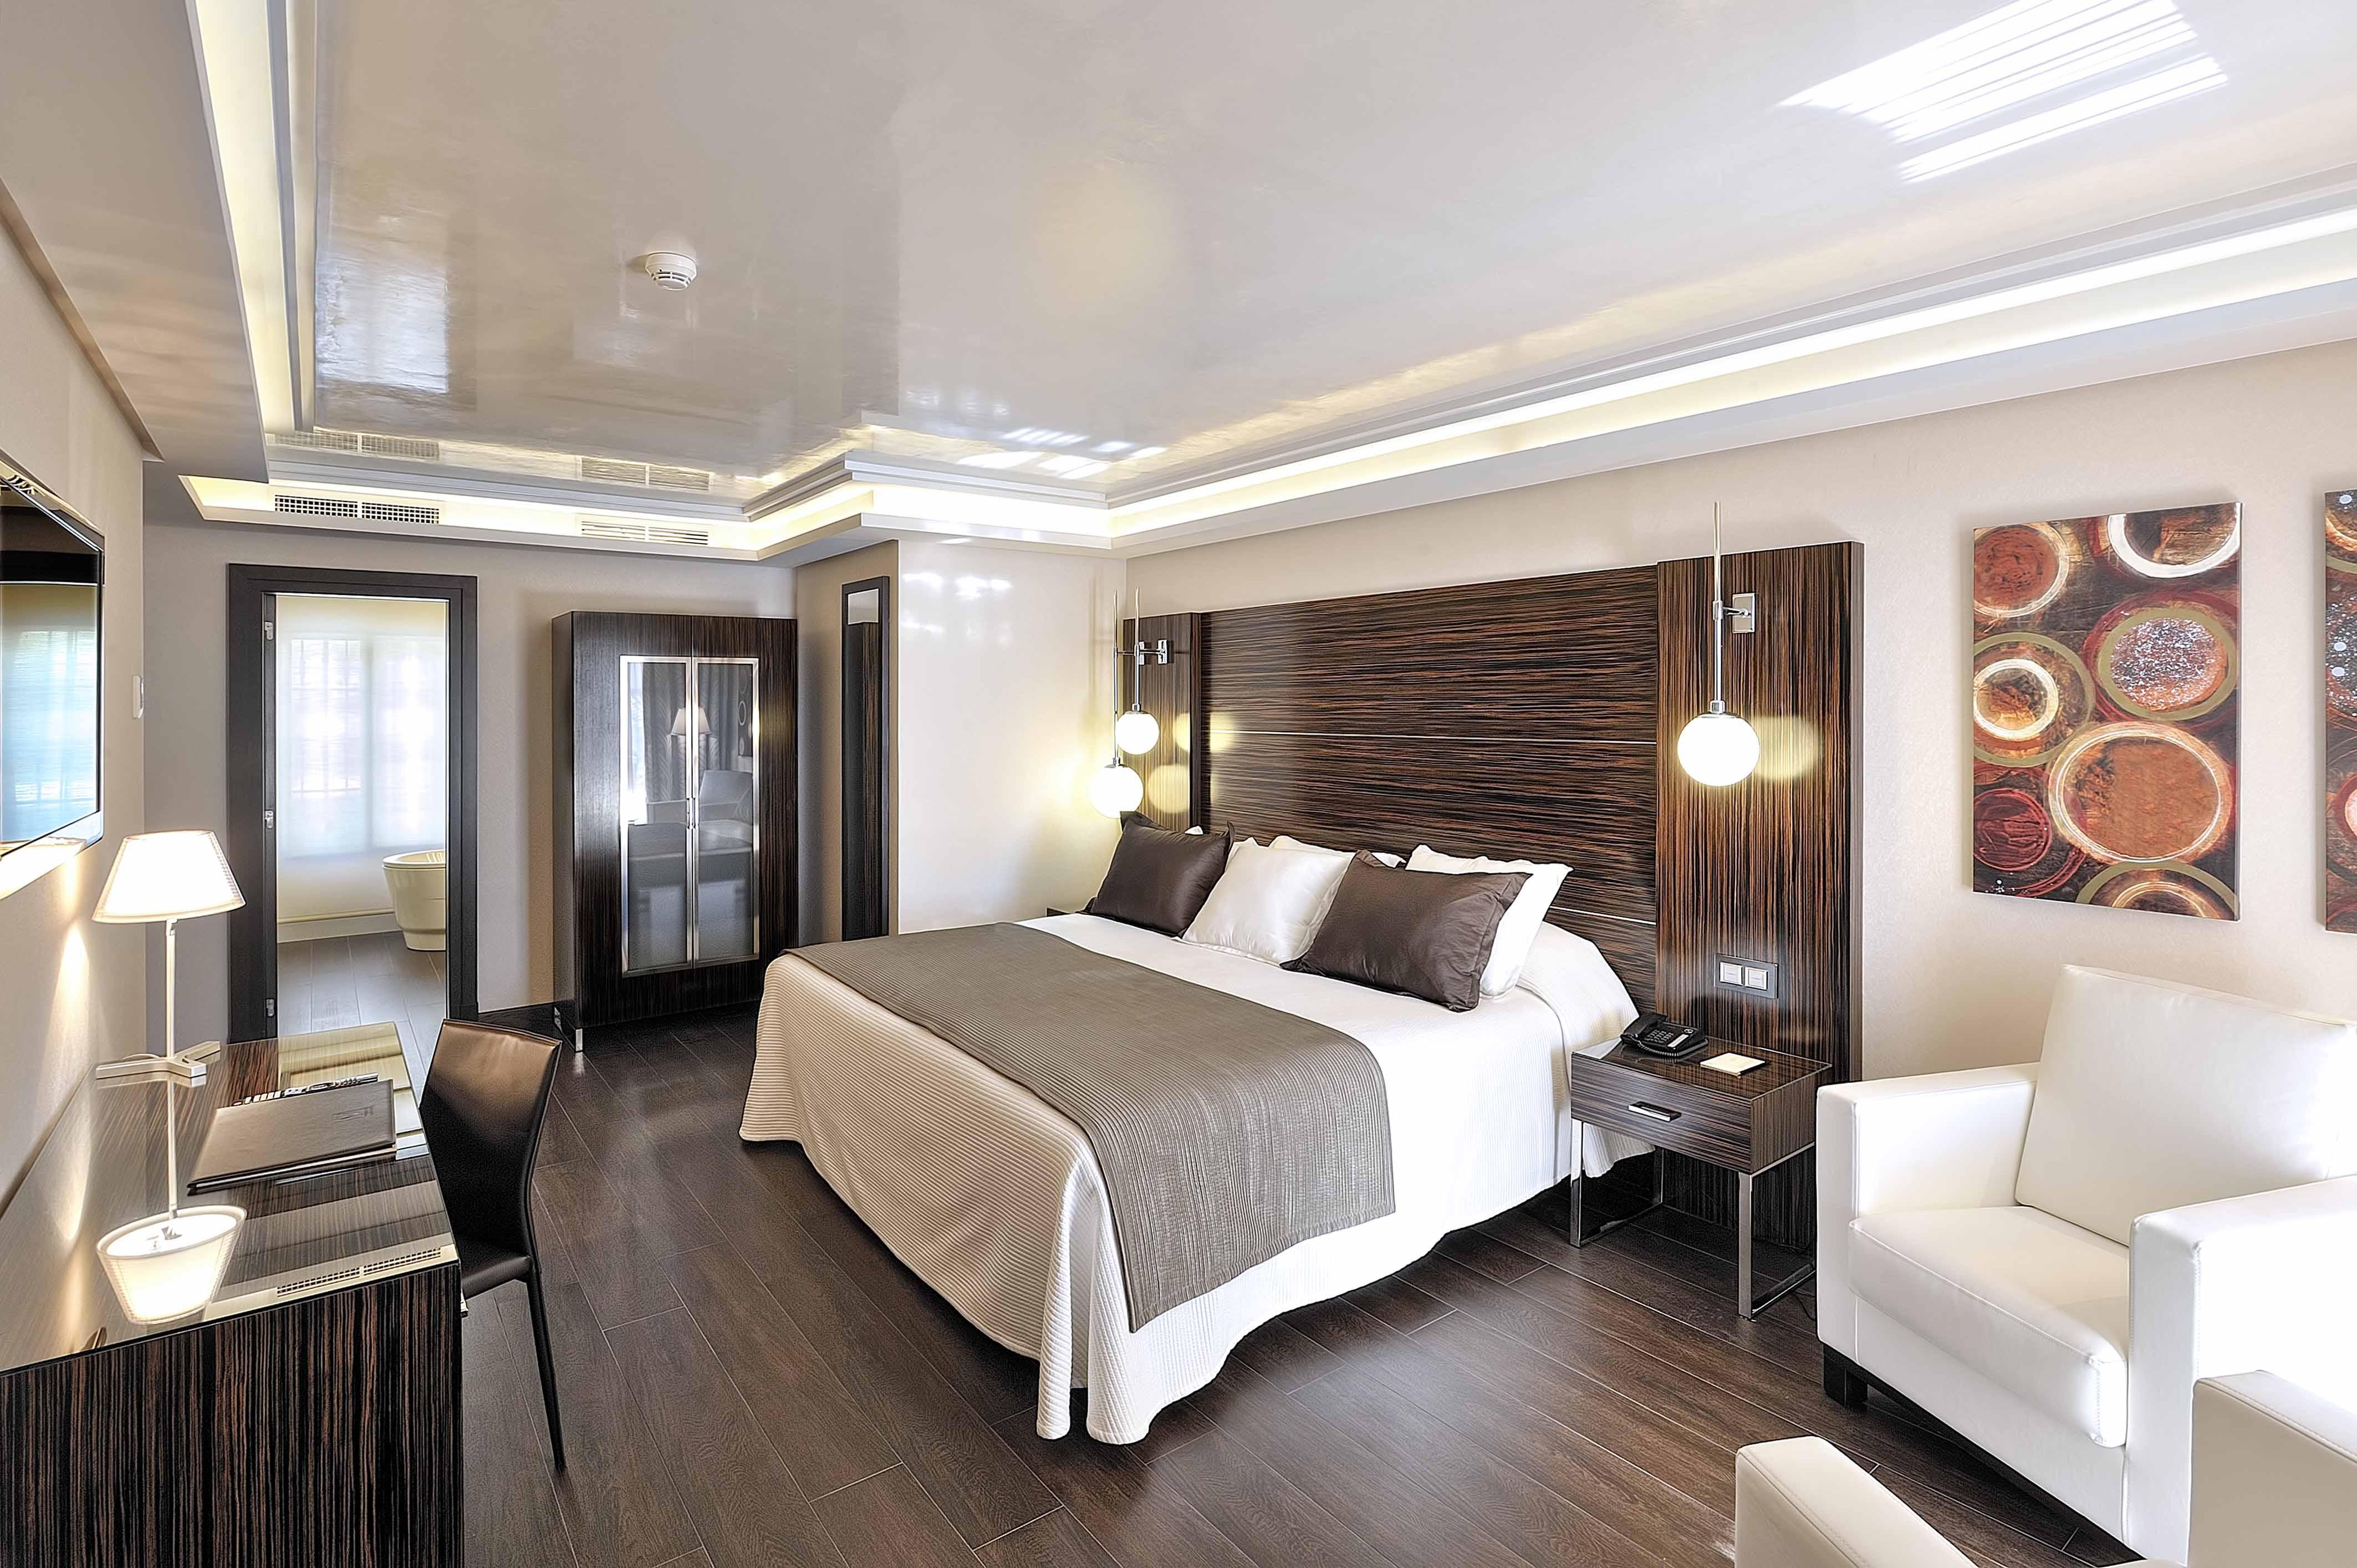 Los habitaciones y los precios anciano pero contento for Hoteles para 5 personas